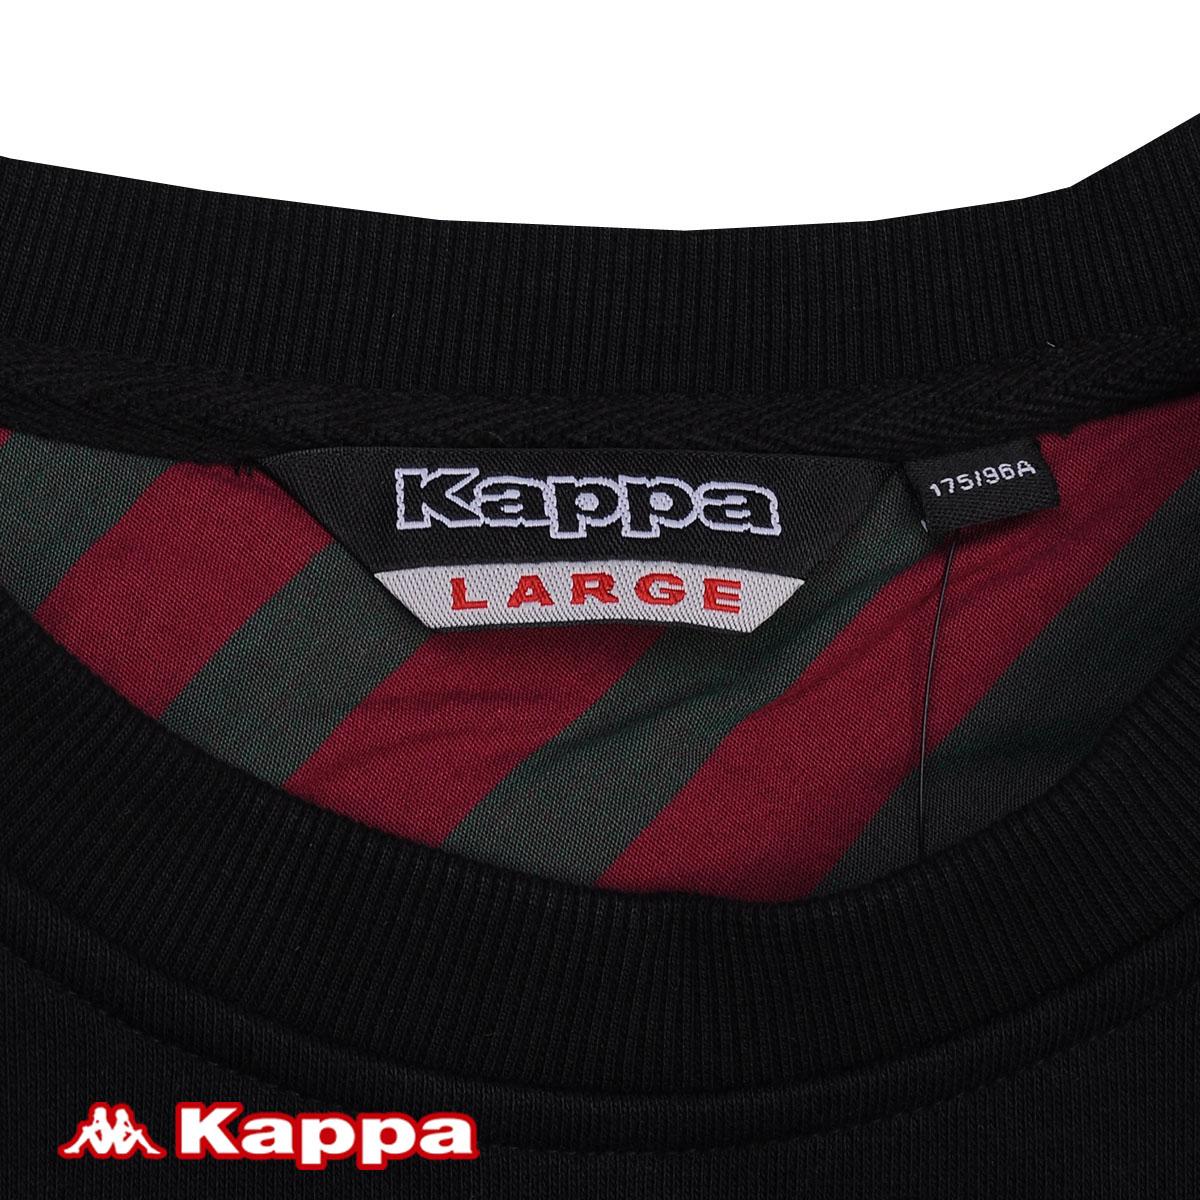 Спортивная толстовка Kappa K2093WT611/990. K2093WT611-990 Для мужчин